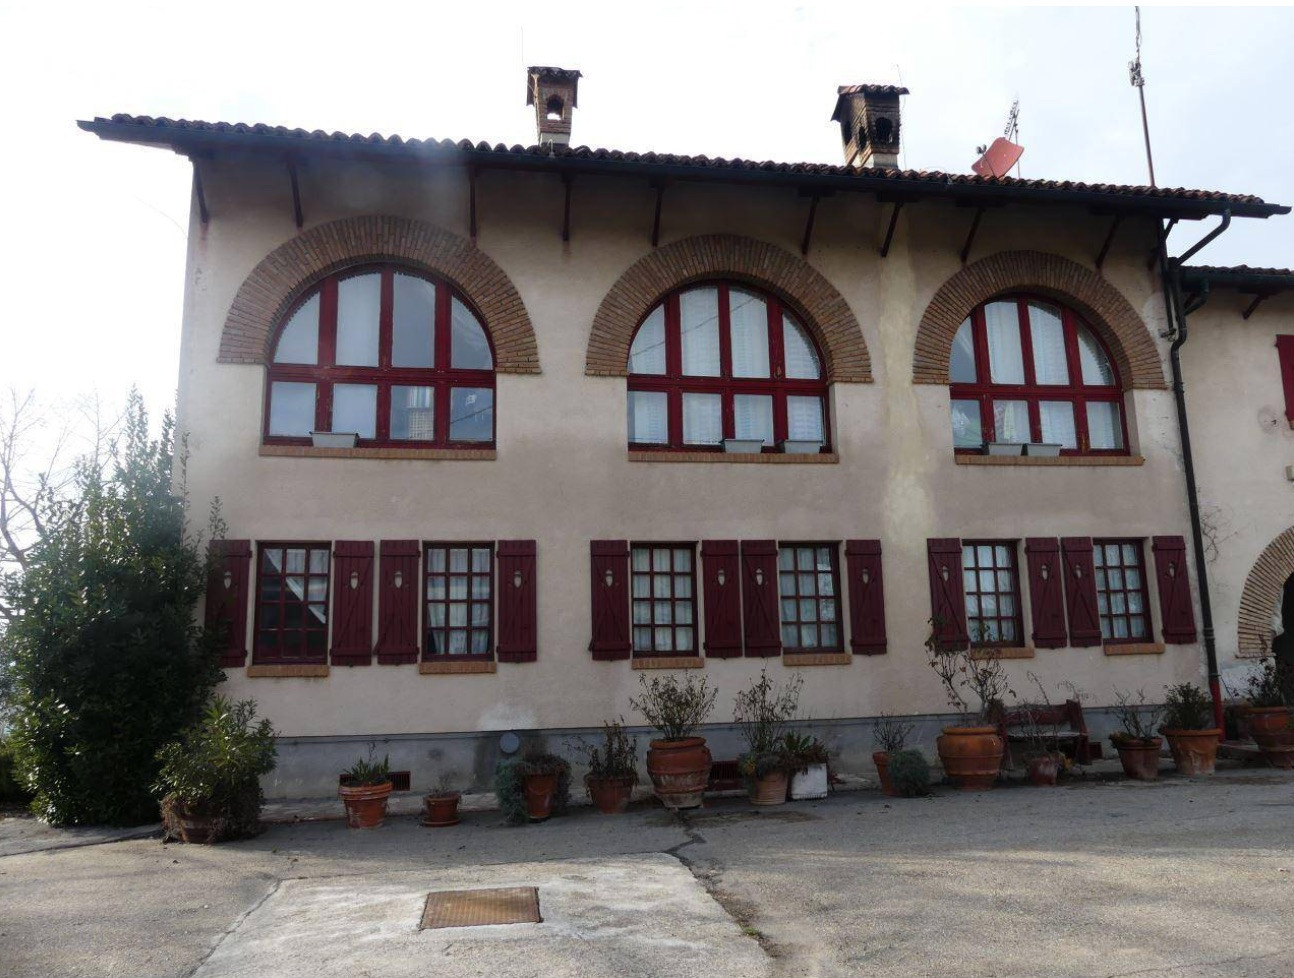 Rustico / Casale in vendita a Alba, 20 locali, Trattative riservate | PortaleAgenzieImmobiliari.it